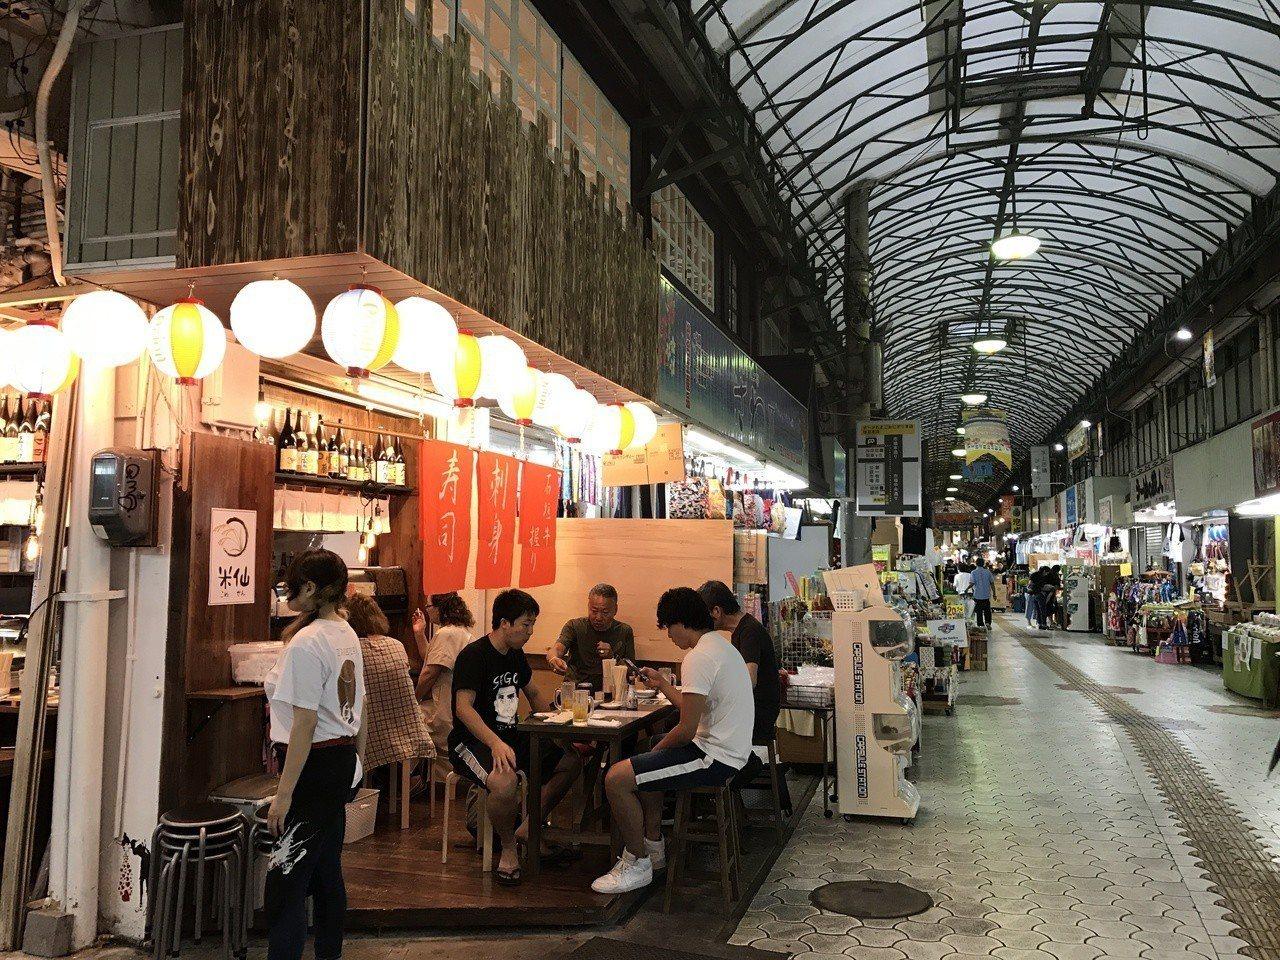 日本很多商店街都有美美的遮雨頂棚,外面下再大的雨都不怕。圖/讀者提供